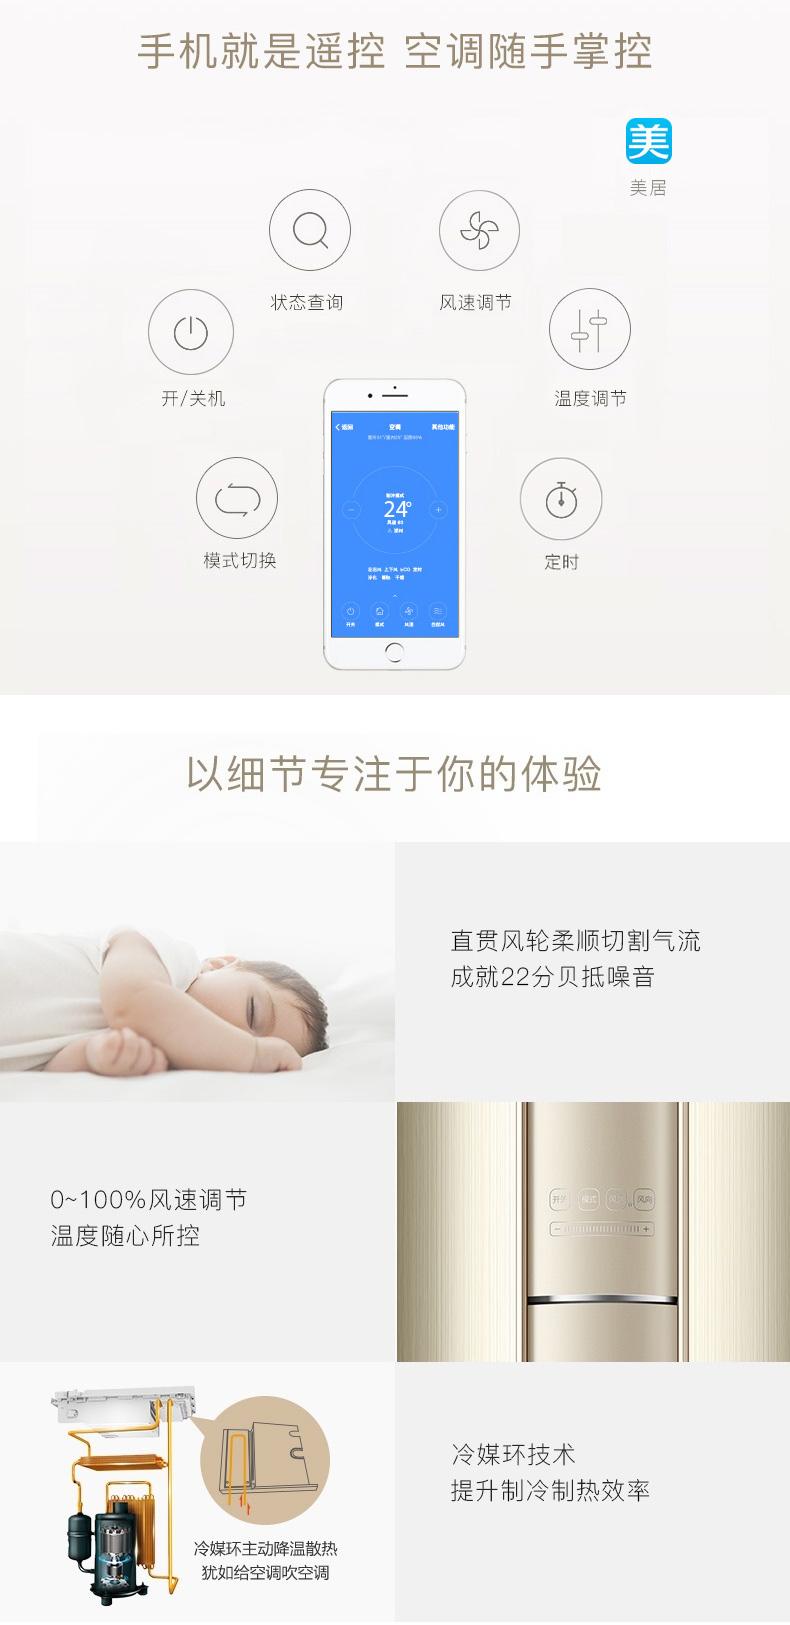 云南立式空调品牌